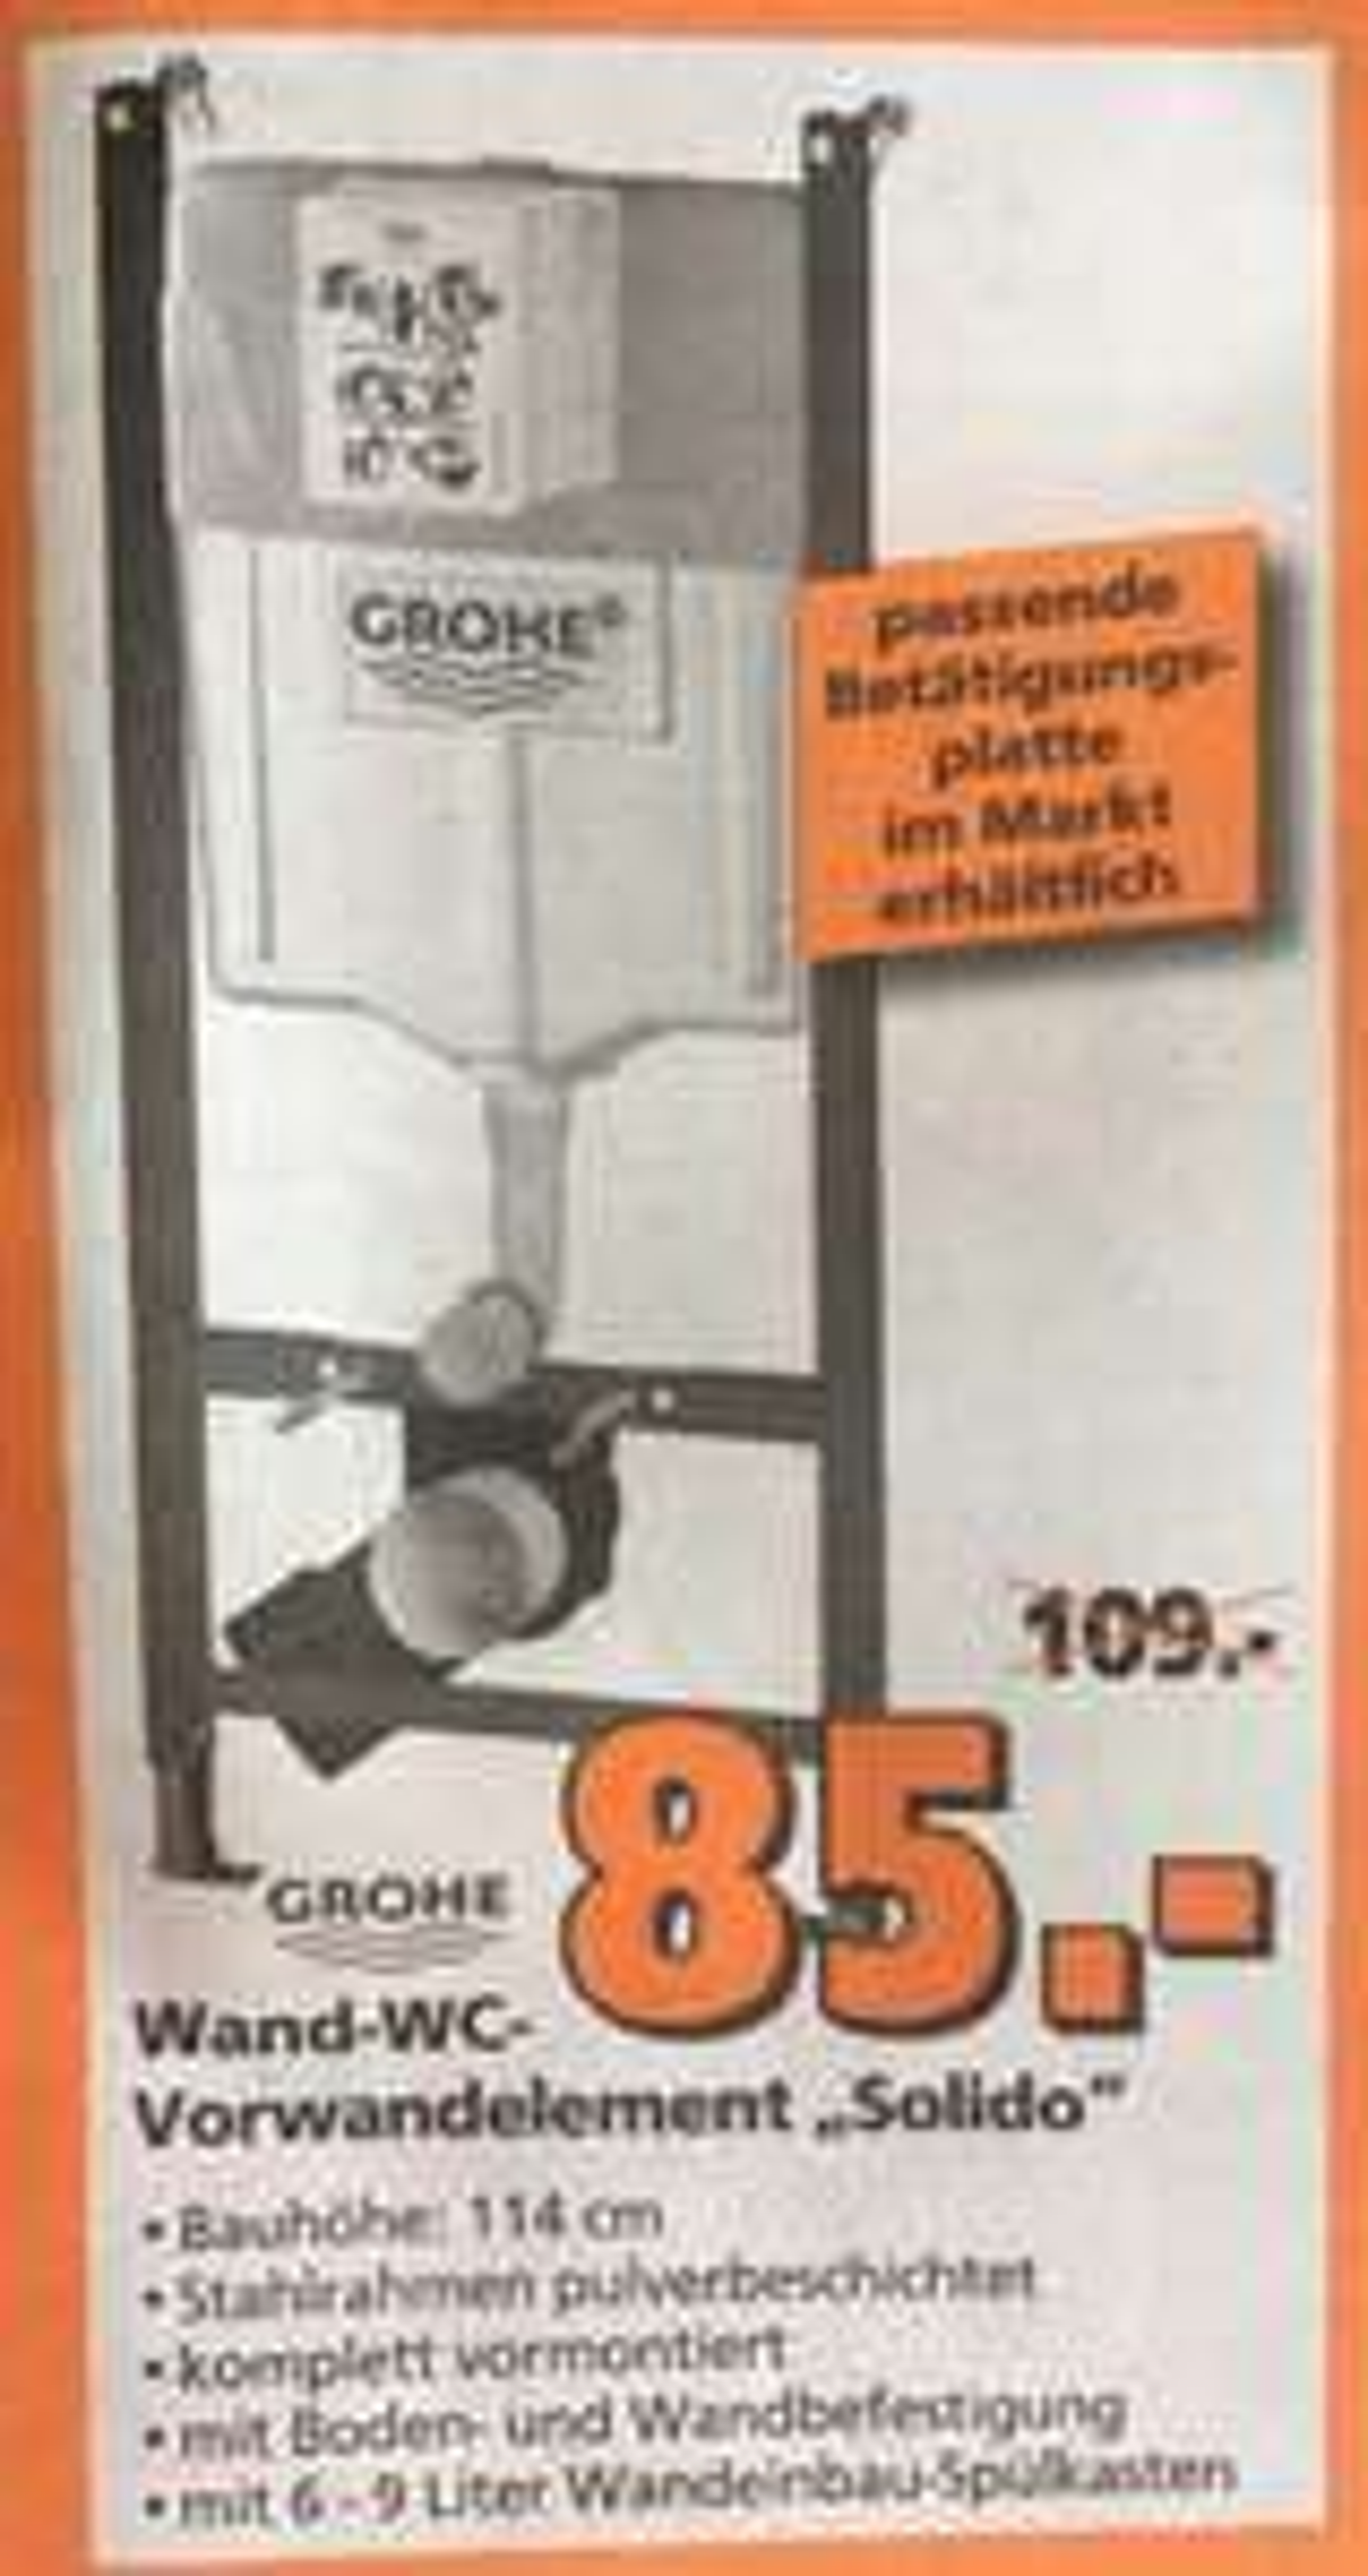 """Grohe """"Solido"""" Wand-WC-Vorwandelement bei Bauhaus für 74,80€ durch TPG"""